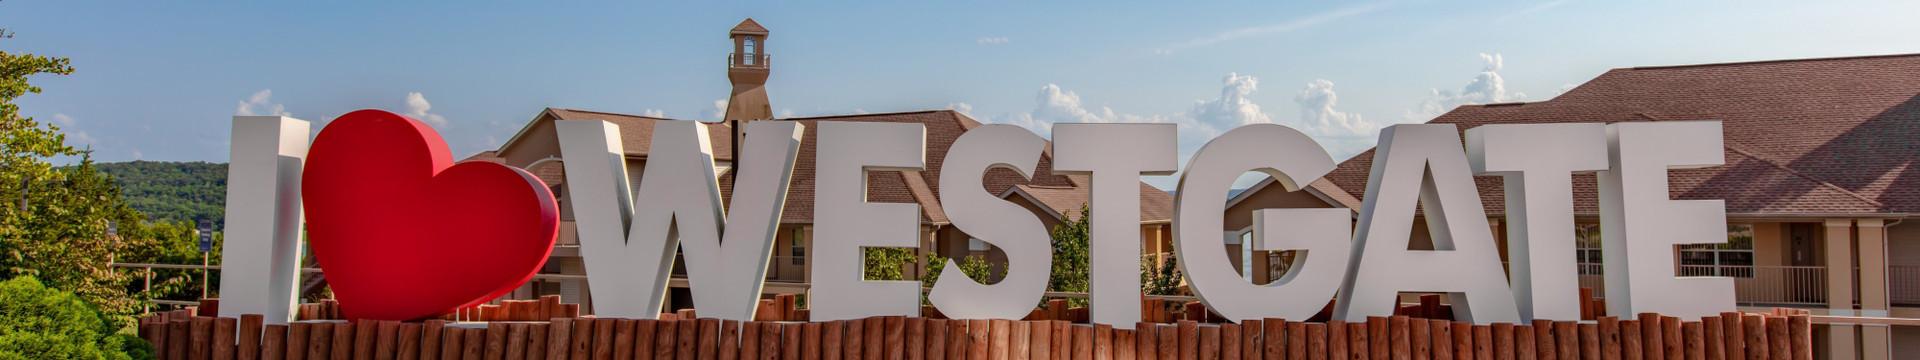 I love Westgate sign - Westgate Resorts